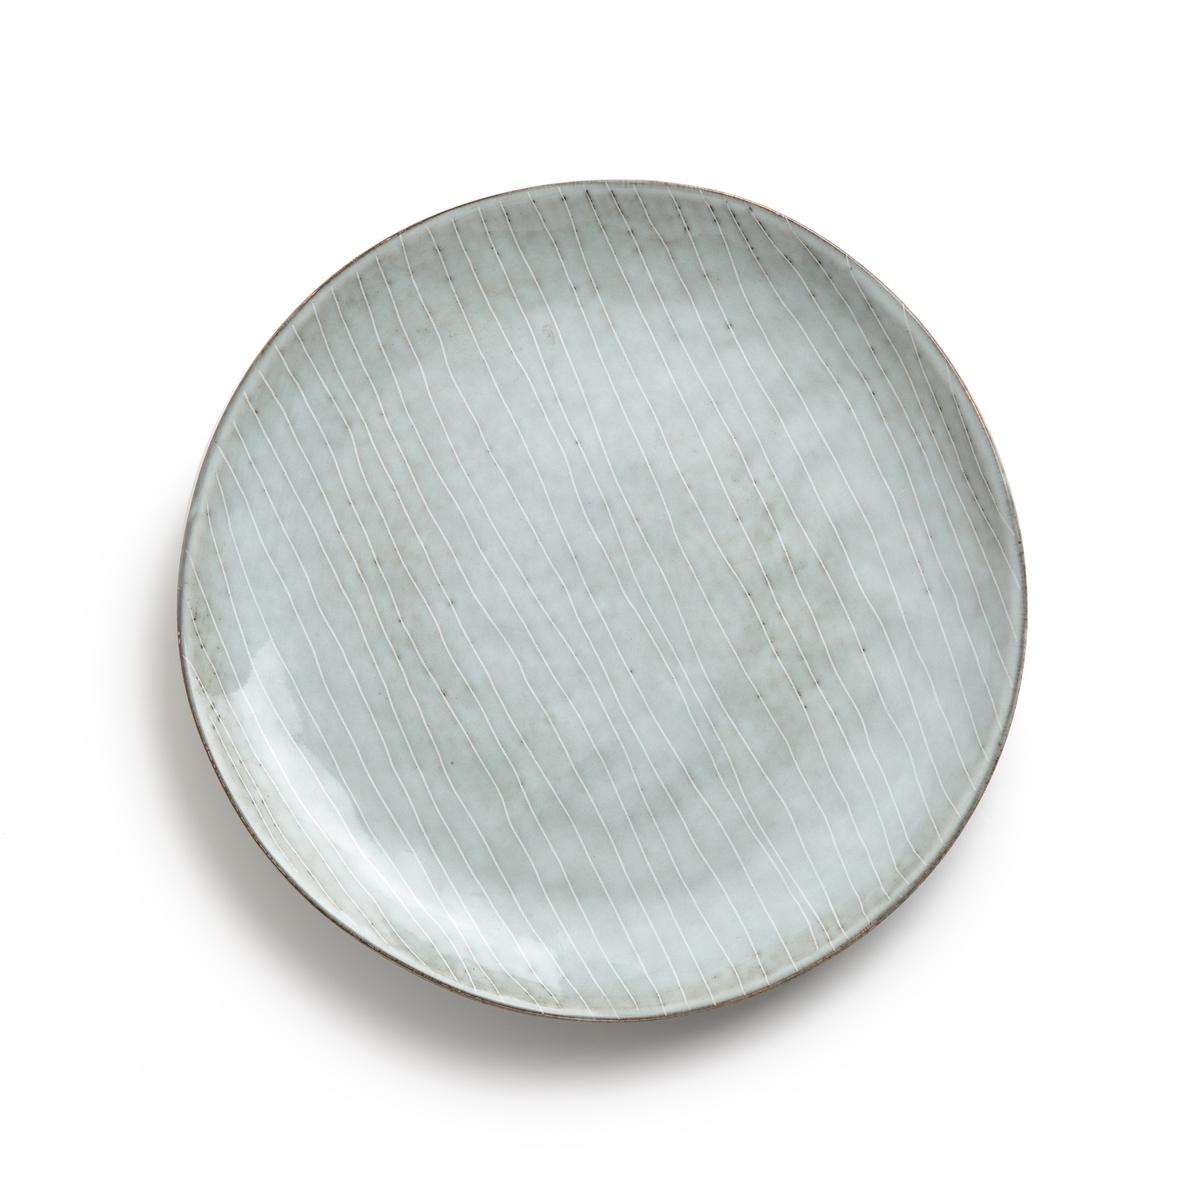 Комплект из 4 мелких тарелок из керамики, Amedras 4 тарелки мелкие фарфоровые shigoni